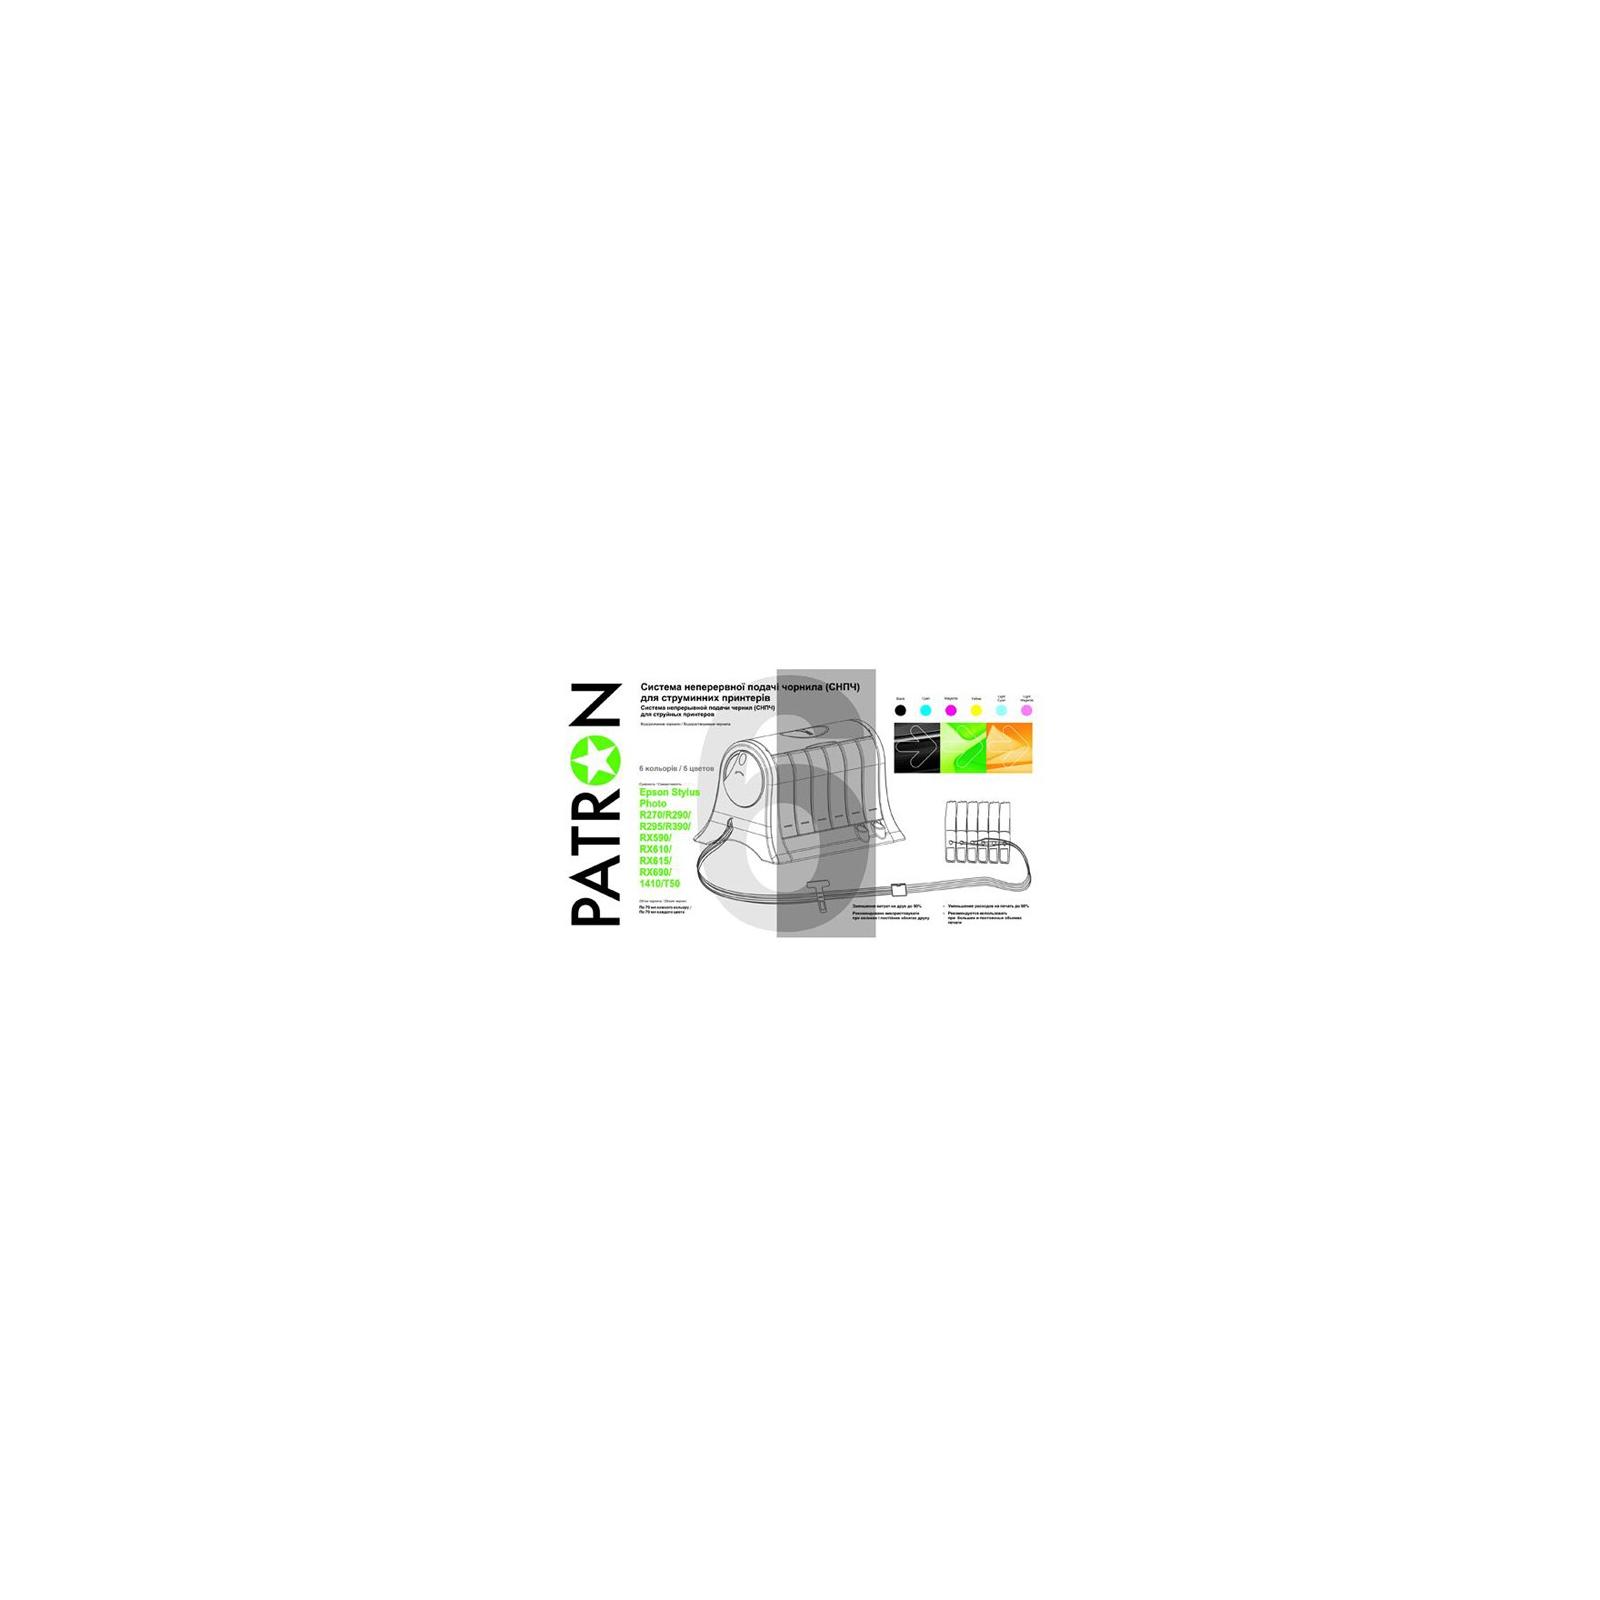 СНПЧ PATRON Epson T50/ R270/290/ RX590/610 (CISS-PN-EPS-SPT50)